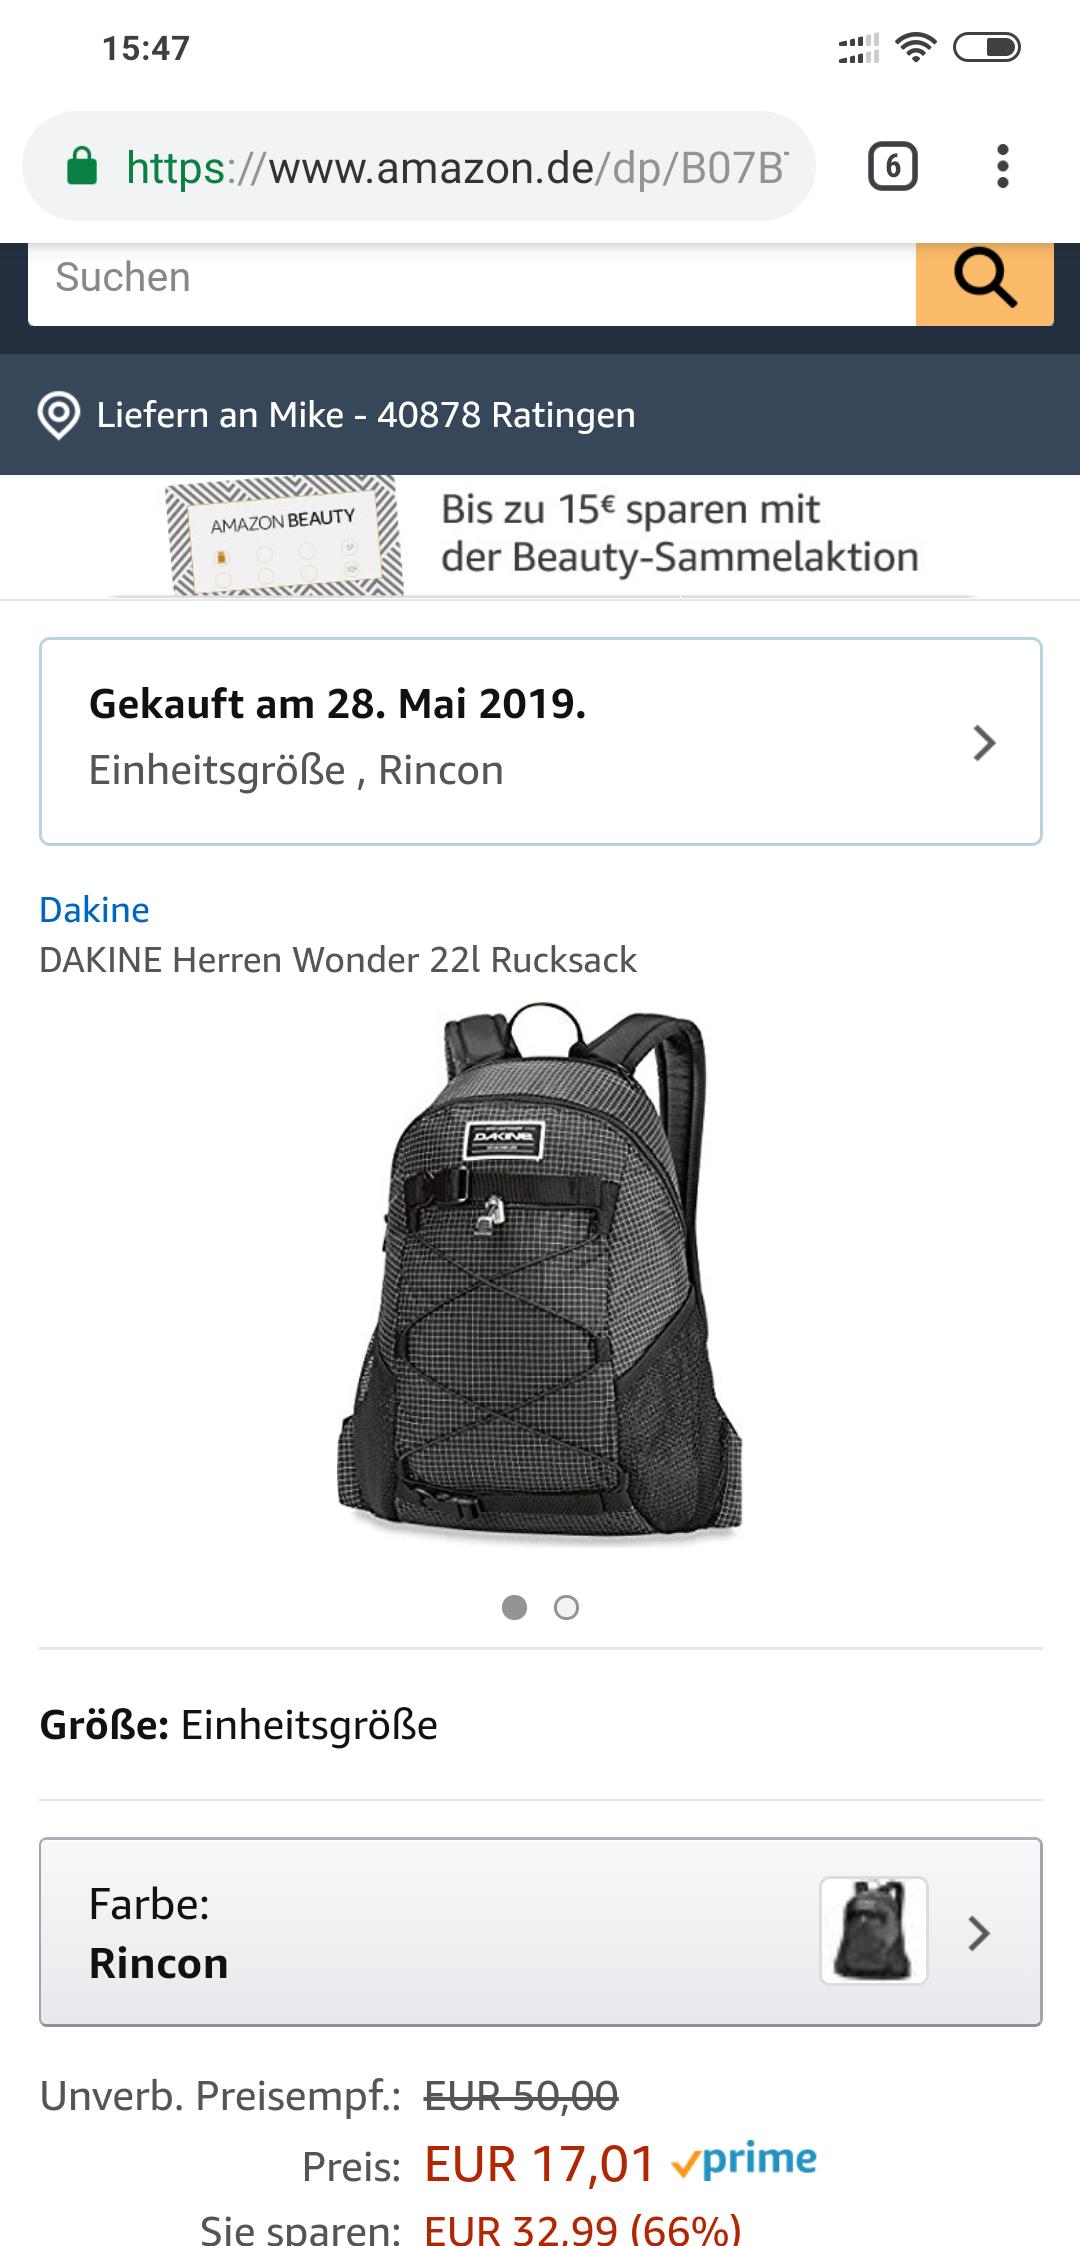 [Amazon Prime] Dakine Herren Rucksack 22 Liter Grau mit Skateboard catcher